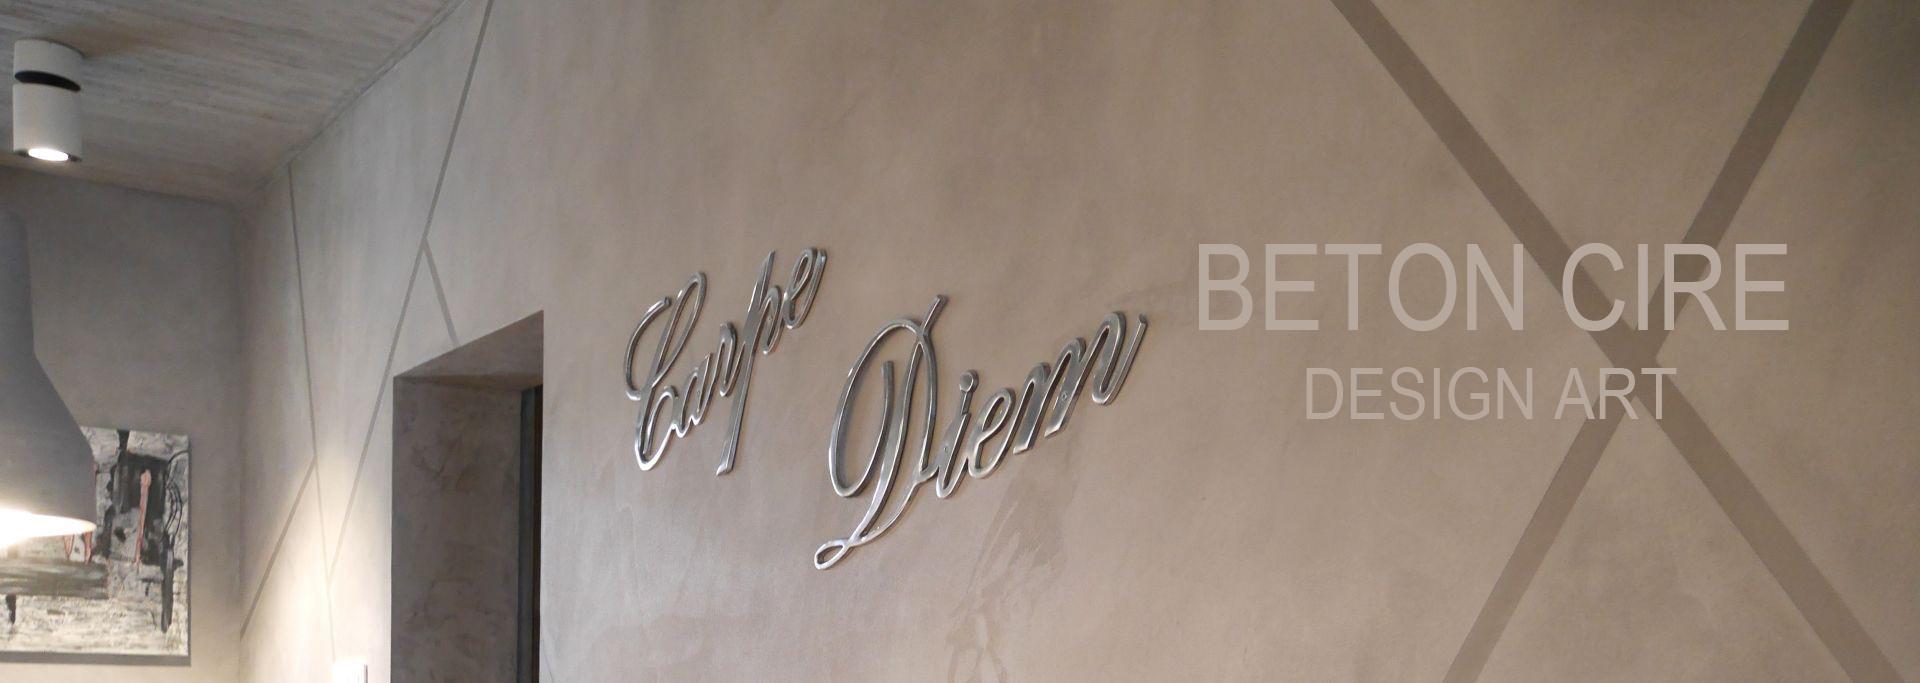 Beton Dekoracyjny szczecin